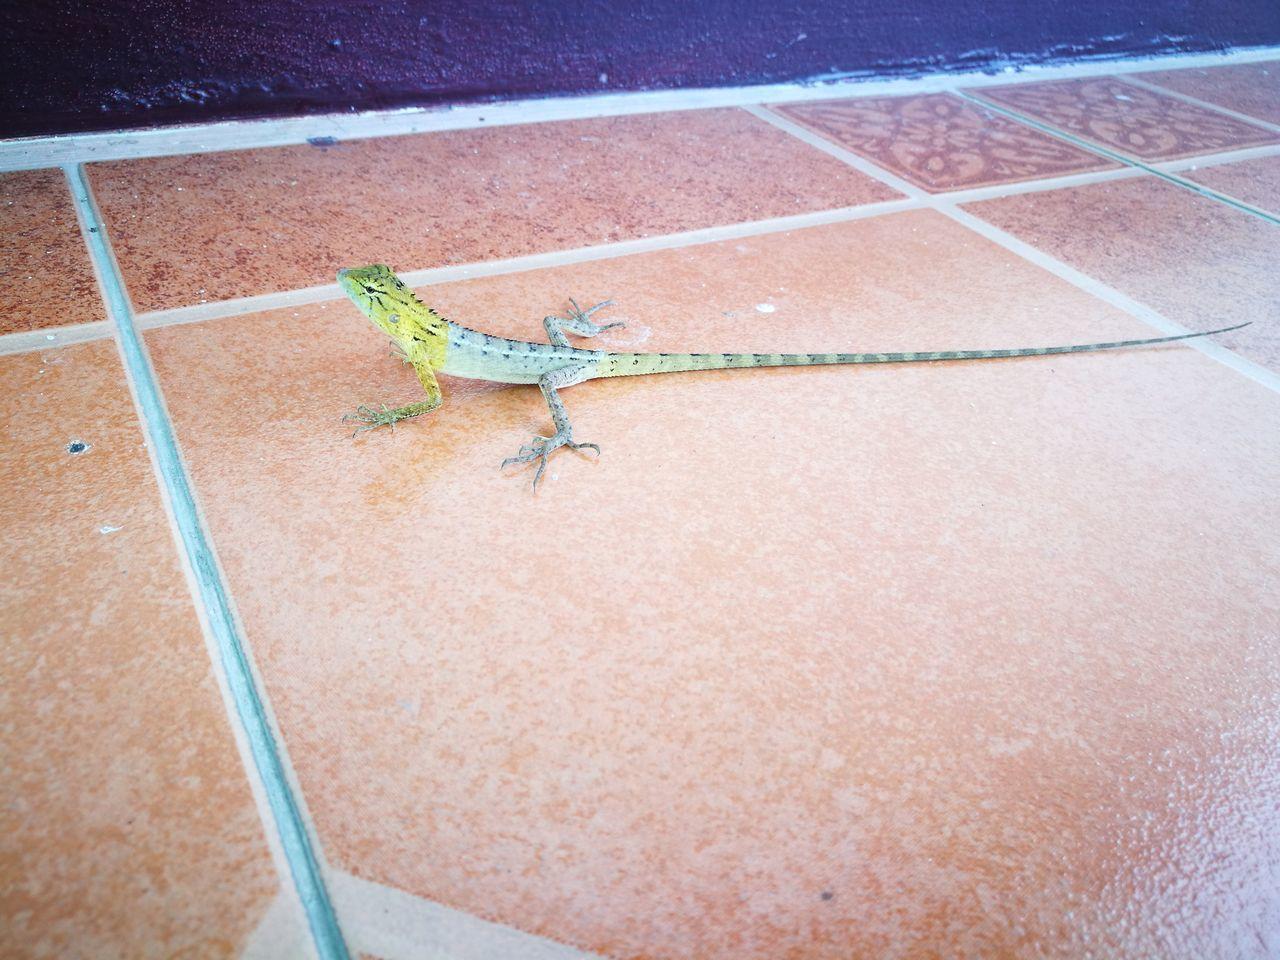 กิ่งก่า Lizard Lizard Nature One Animal Outdoors Day Animal Themes